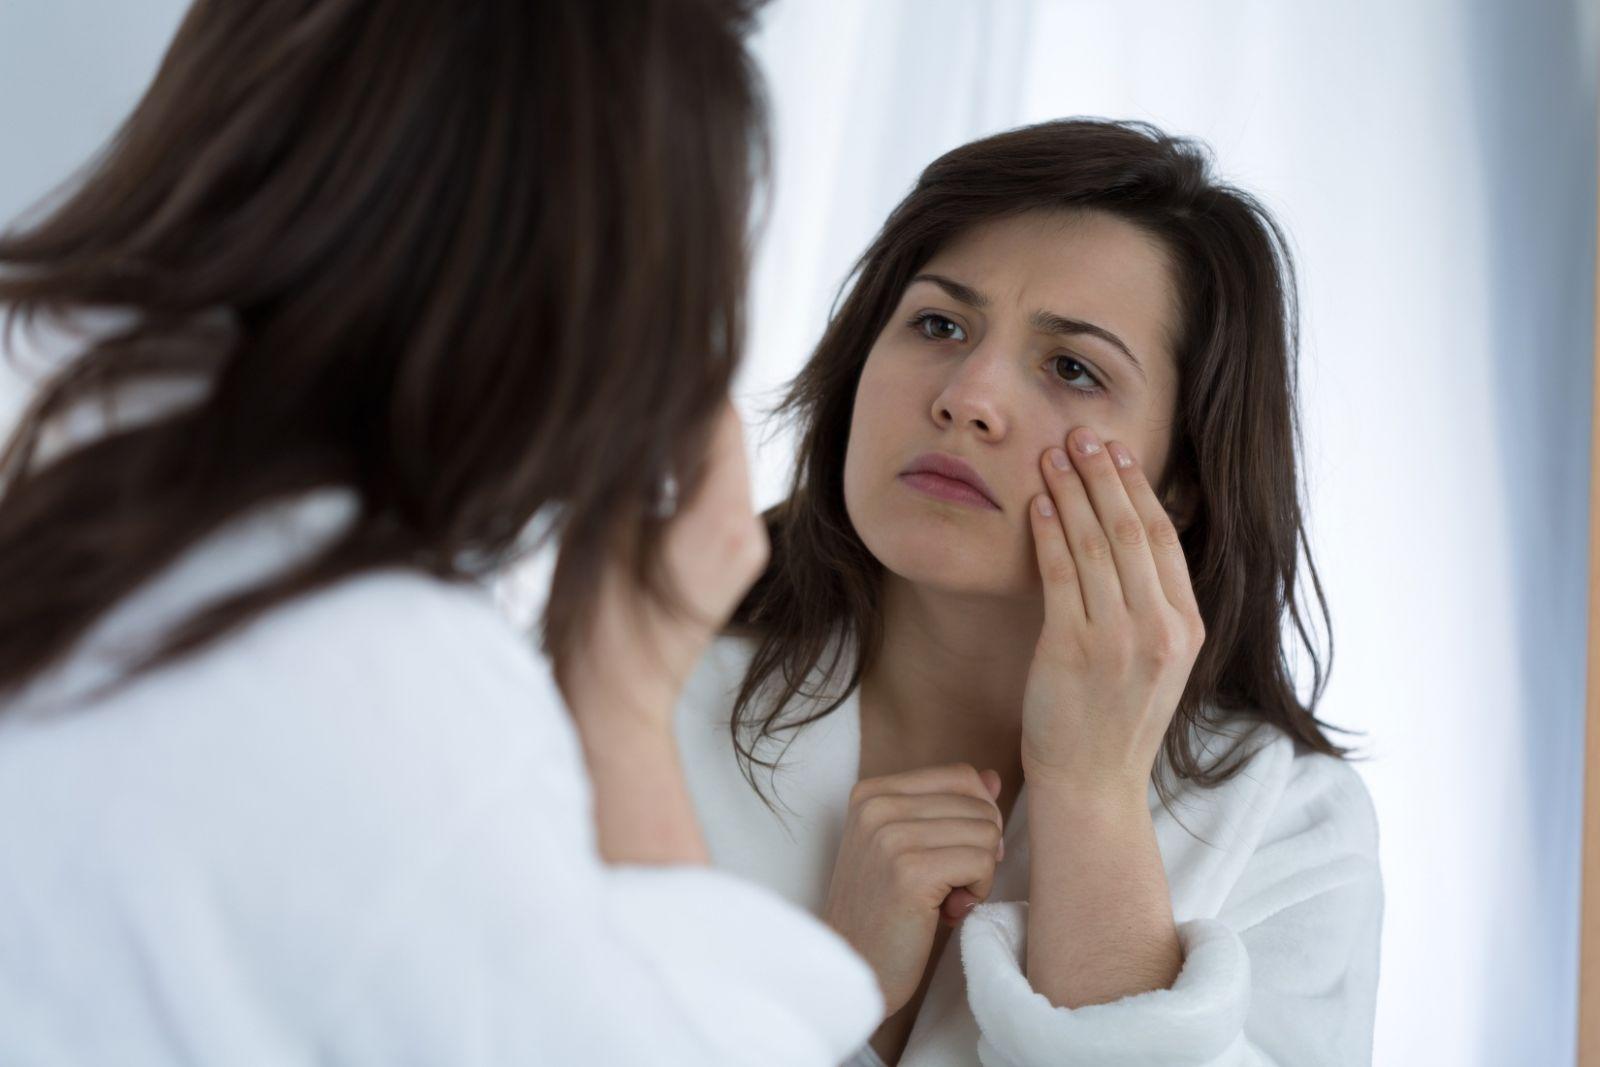 Tùy thuộc vào tình trạng mắt mà các bạn sẽ chọn phương án thực hiện phù hợp